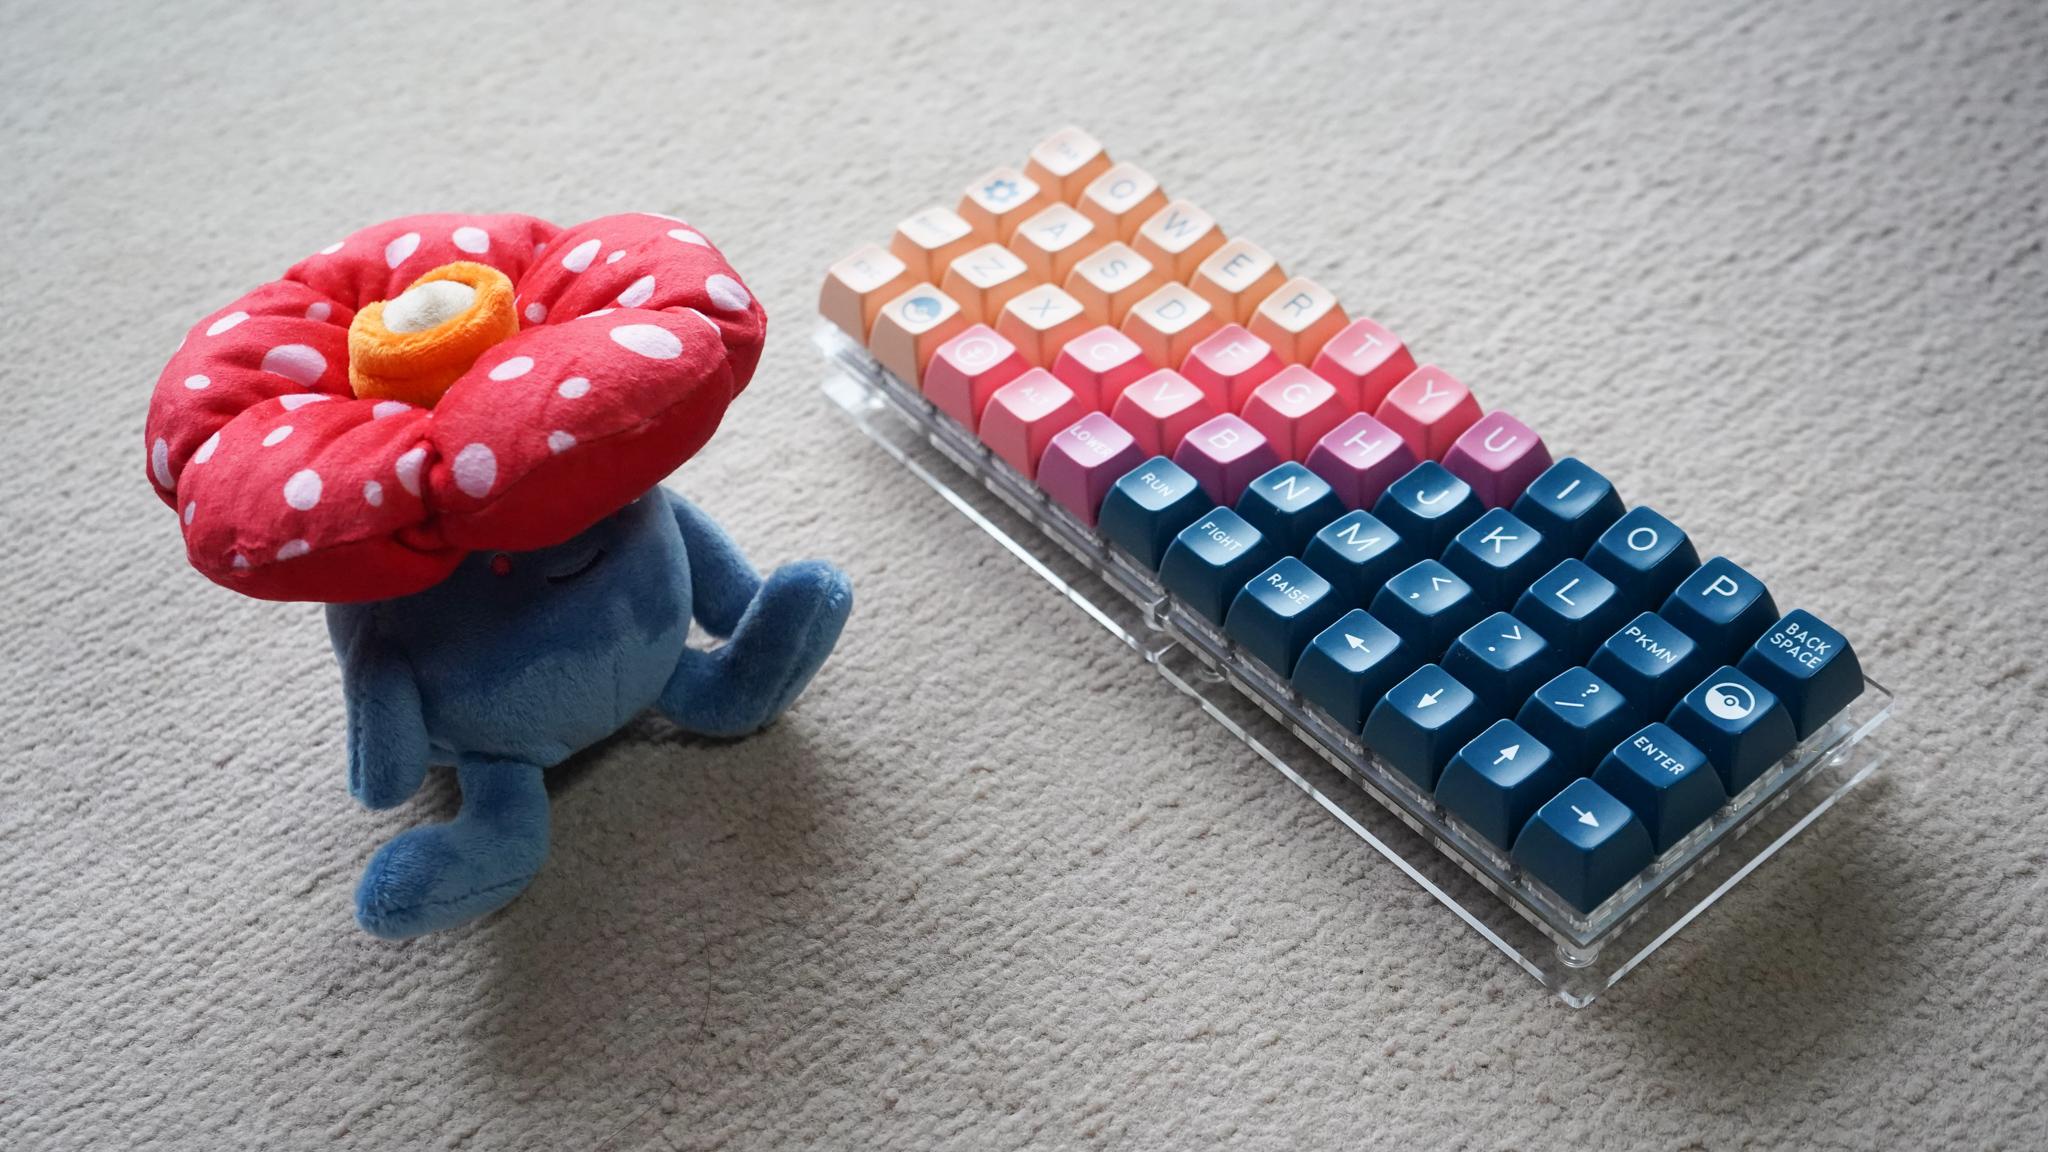 周平さんキーボードの写真